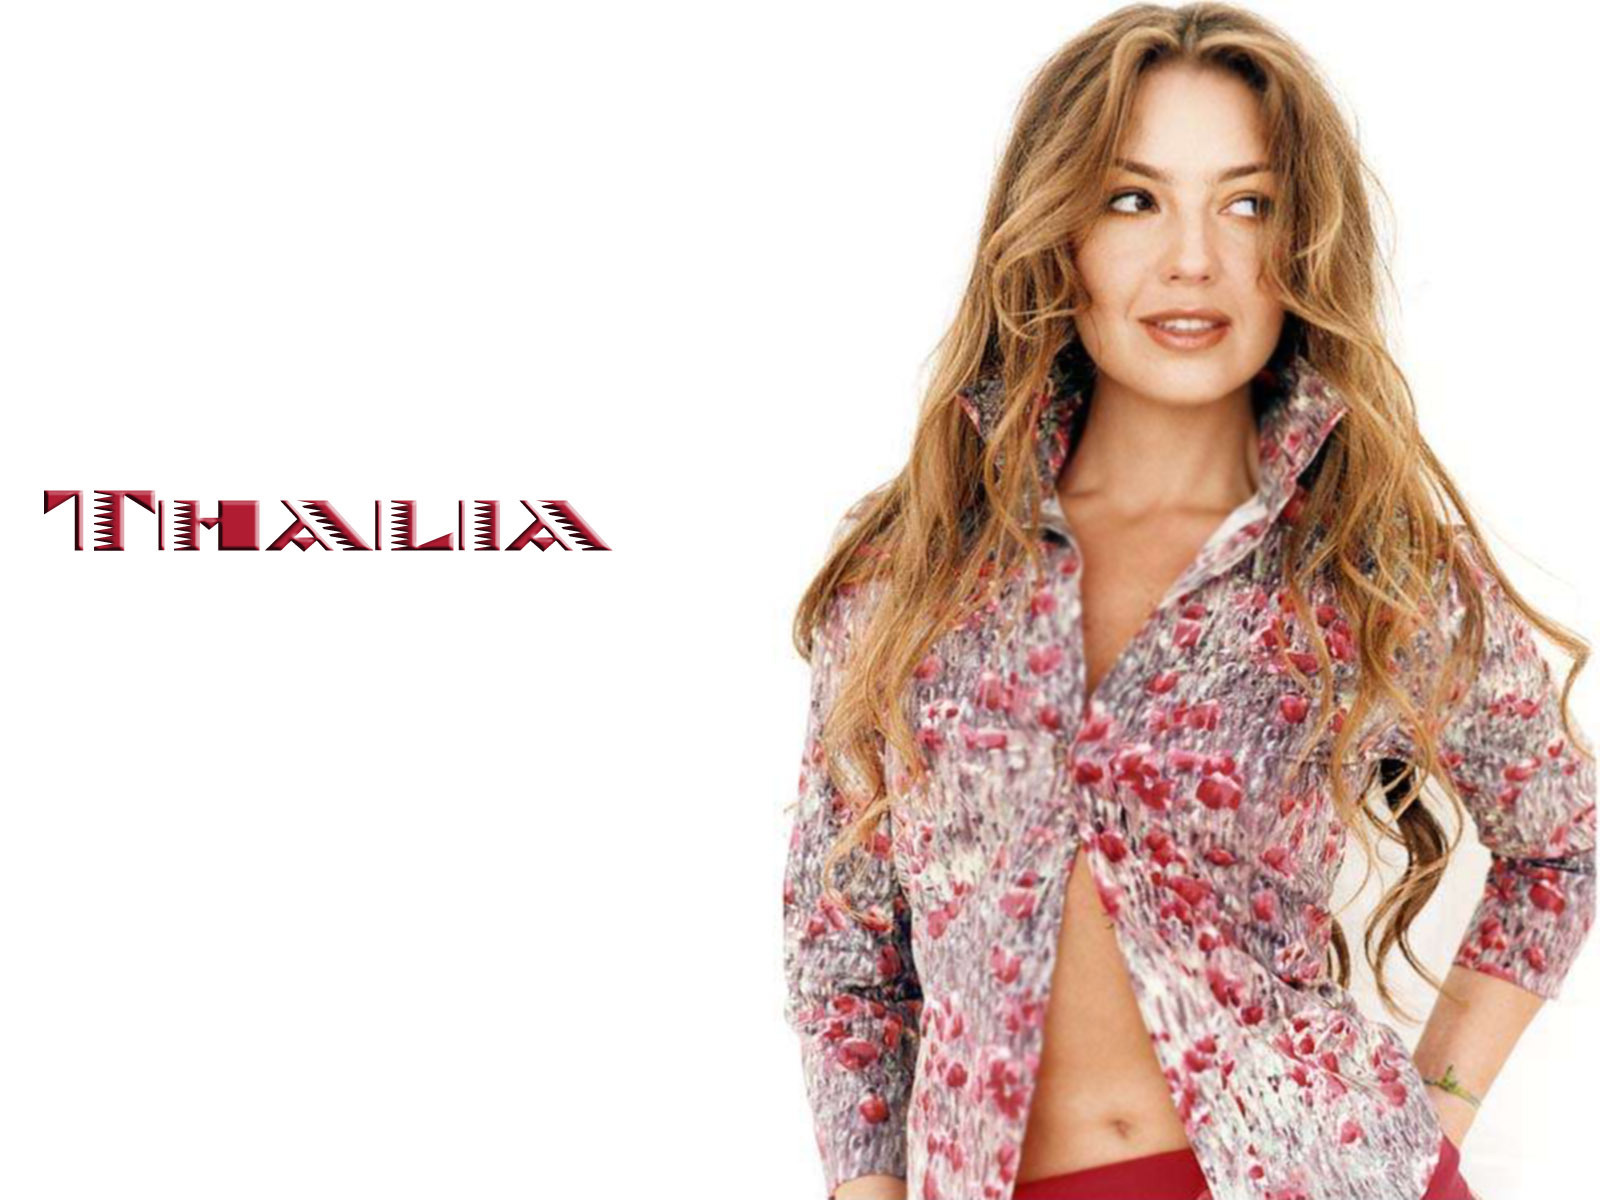 https://i1.wp.com/images4.fanpop.com/image/photos/20700000/Thalia-thalia-20736524-1600-1200.jpg